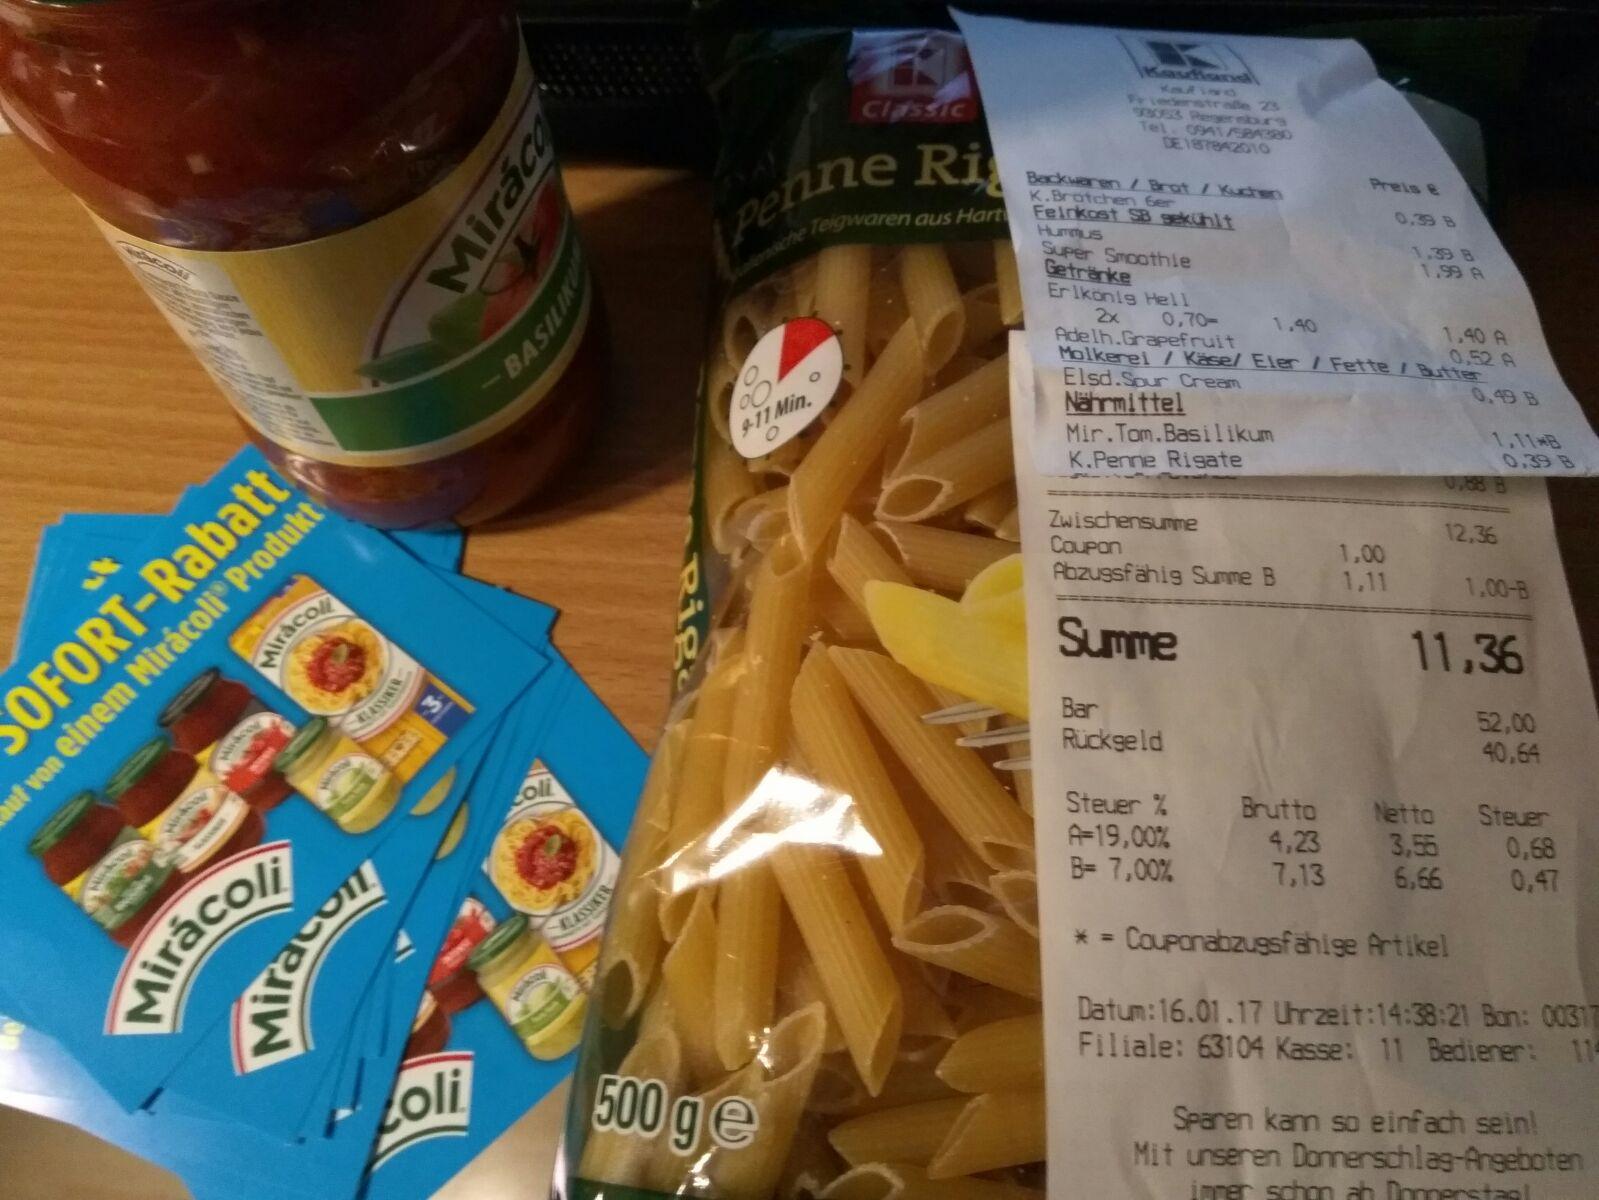 [RGB] K - Classic Pasta 20% statt 0,49 € nur 0,39 € + Gewinnspiel - womöglich auch Bundesweit